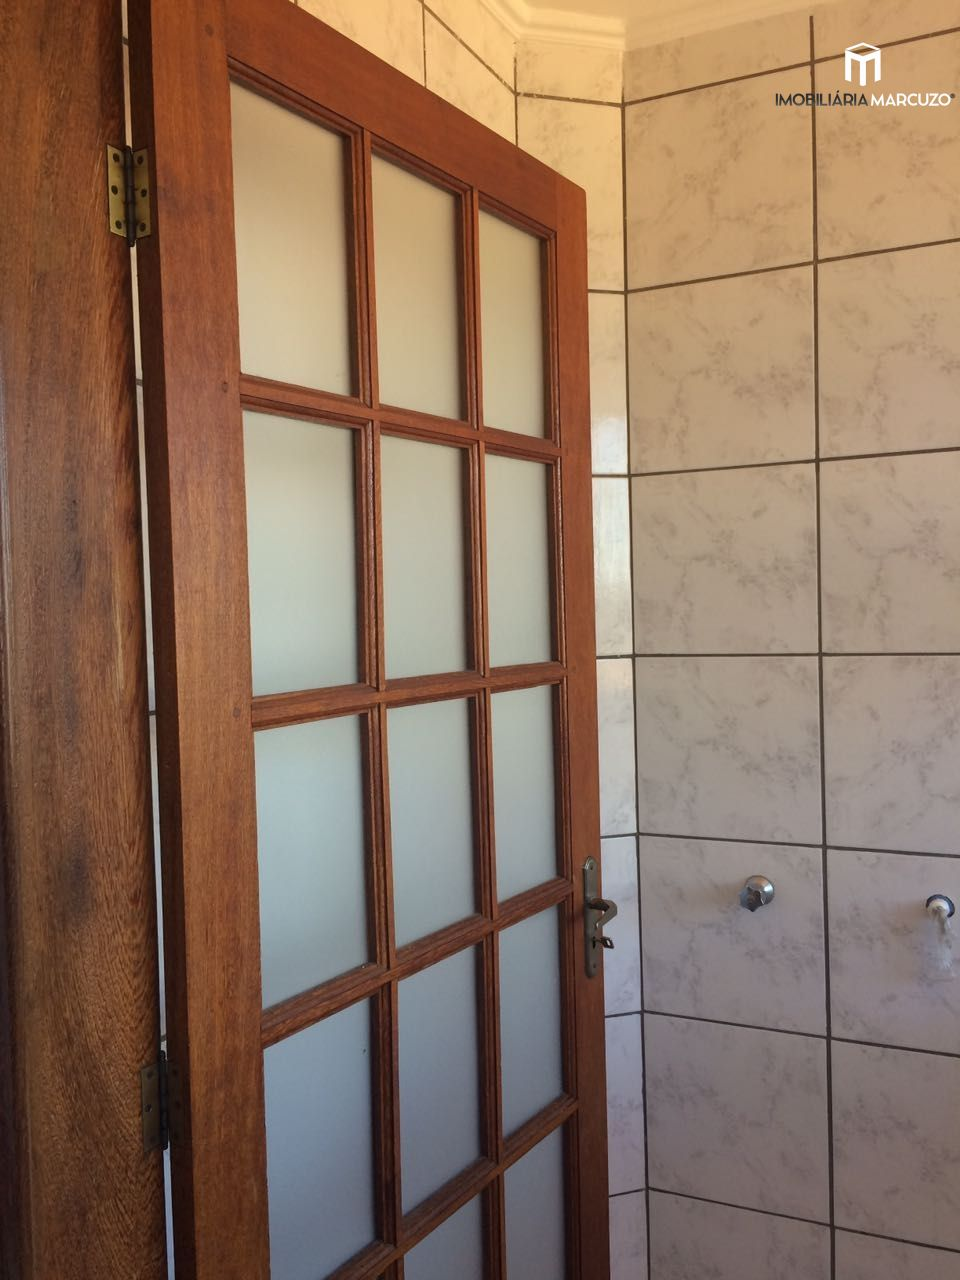 Apartamento com 2 Dormitórios à venda, 60 m² por R$ 250.000,00